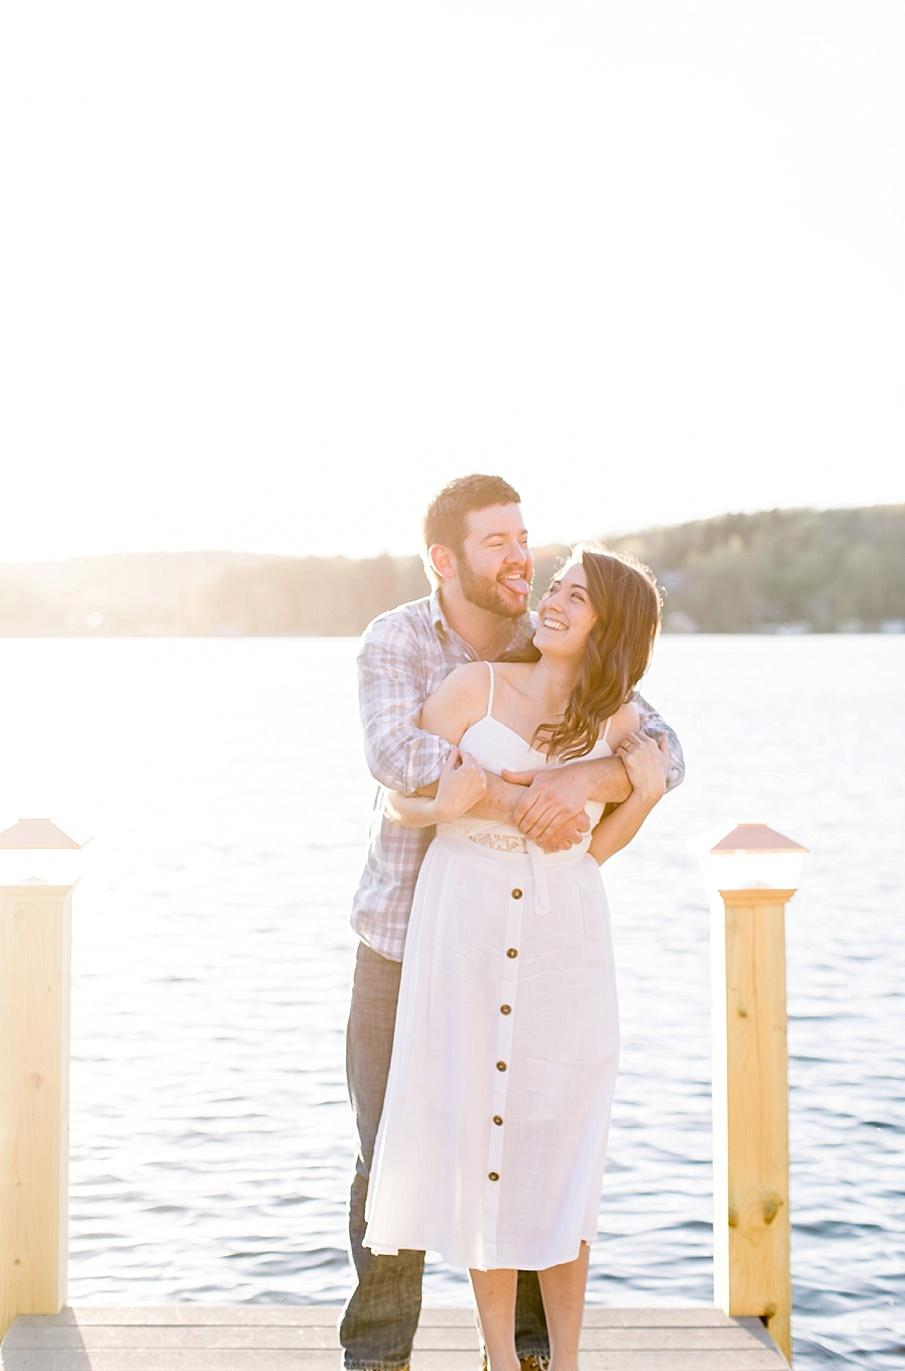 senecaryanco-syracuseweddingphotographer-syracuse-centralnewyork-skaneateles-brackney-quakerlake-binghamton-wedding-lake-engagementphotos_0031.jpg